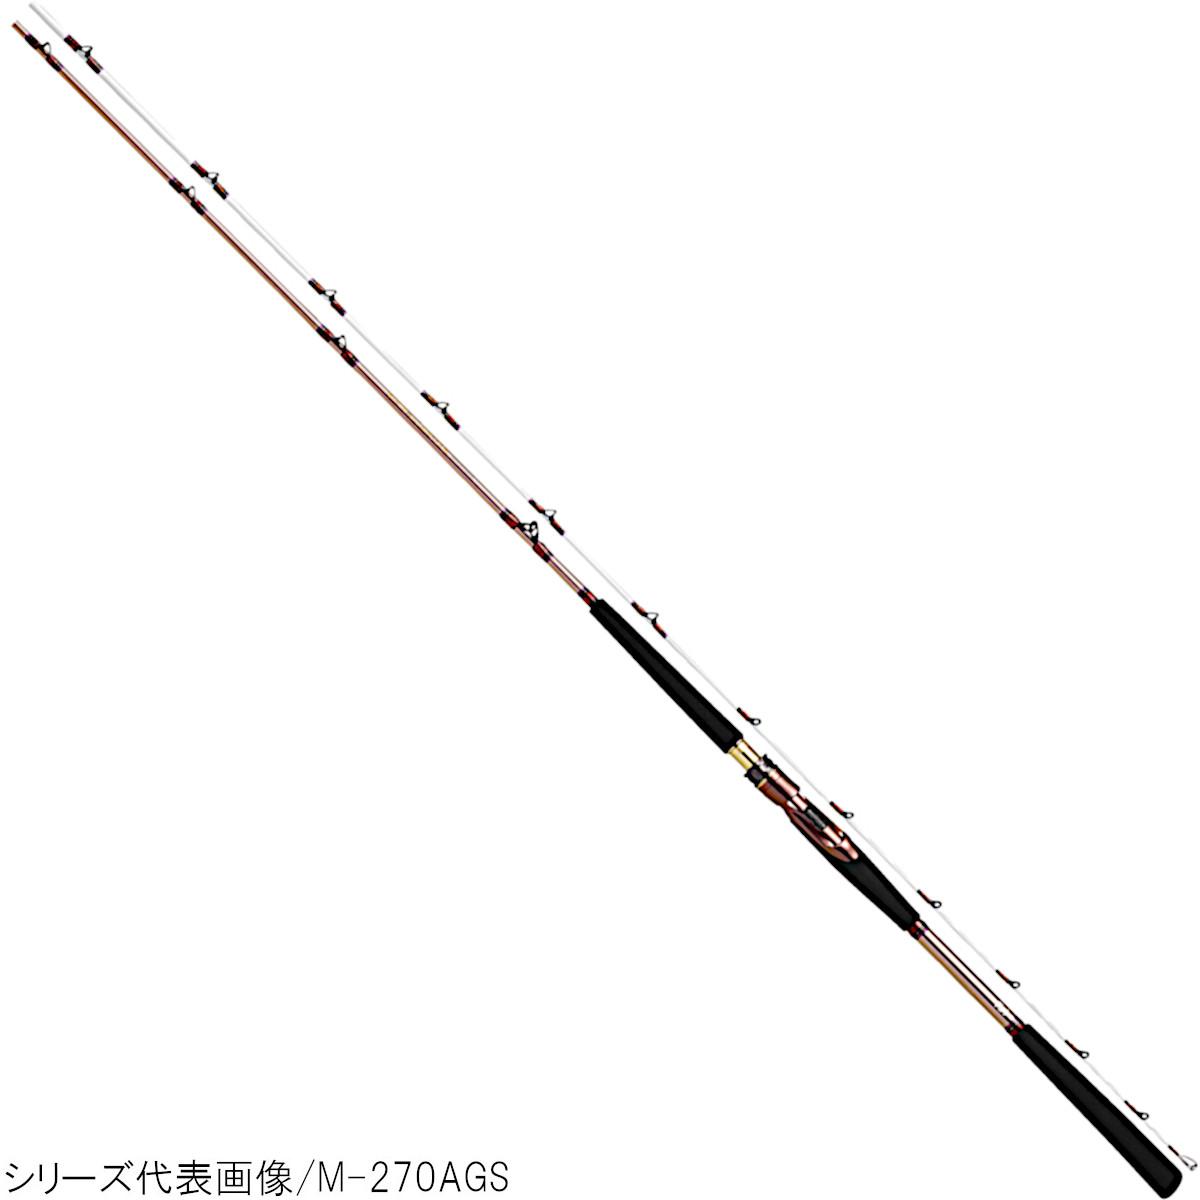 リーオマスター真鯛AIR SS-300AGS ダイワ【大型商品】【同梱不可】